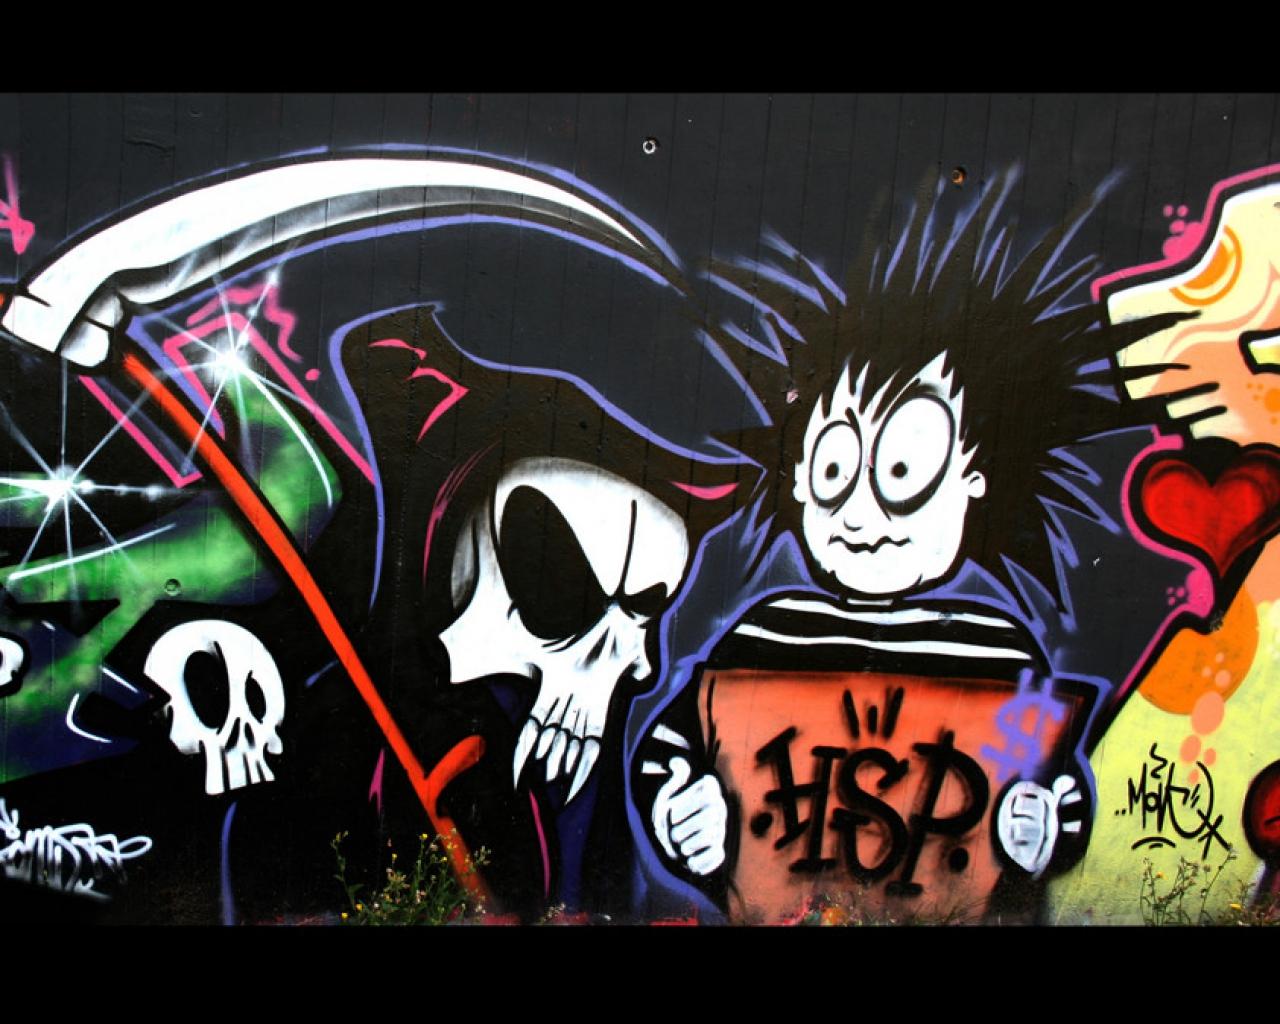 http://4.bp.blogspot.com/-mf2akUf9ENY/T-_t_R2dVLI/AAAAAAAAHGo/EzmQMy-PsGY/s1600/Graffiti+Wallpaper+079.jpg